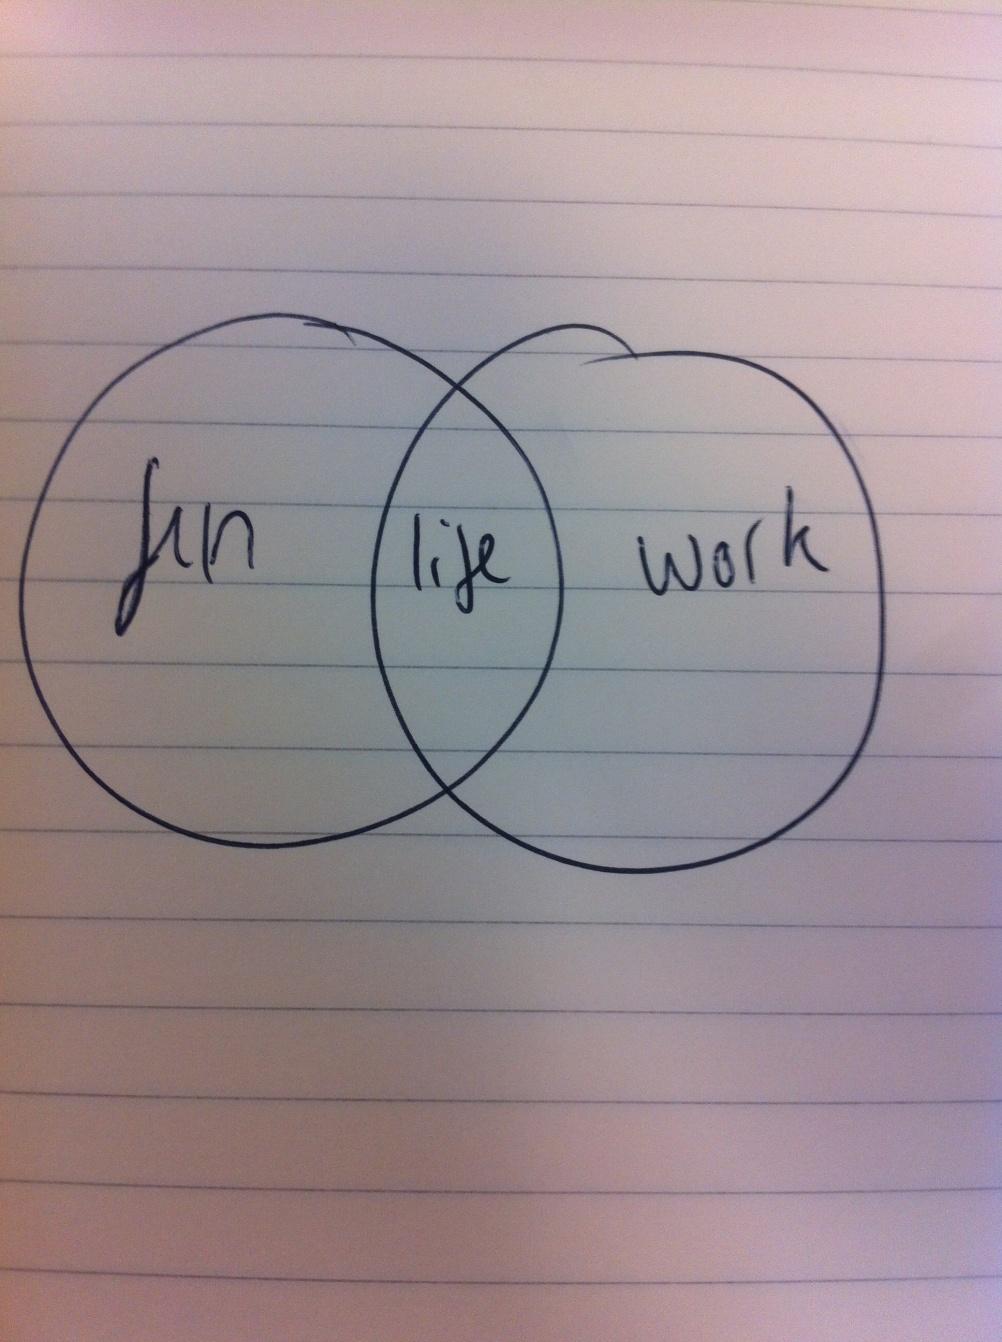 Jon Burgerman's Venn diagram about the balance between life, work and fun